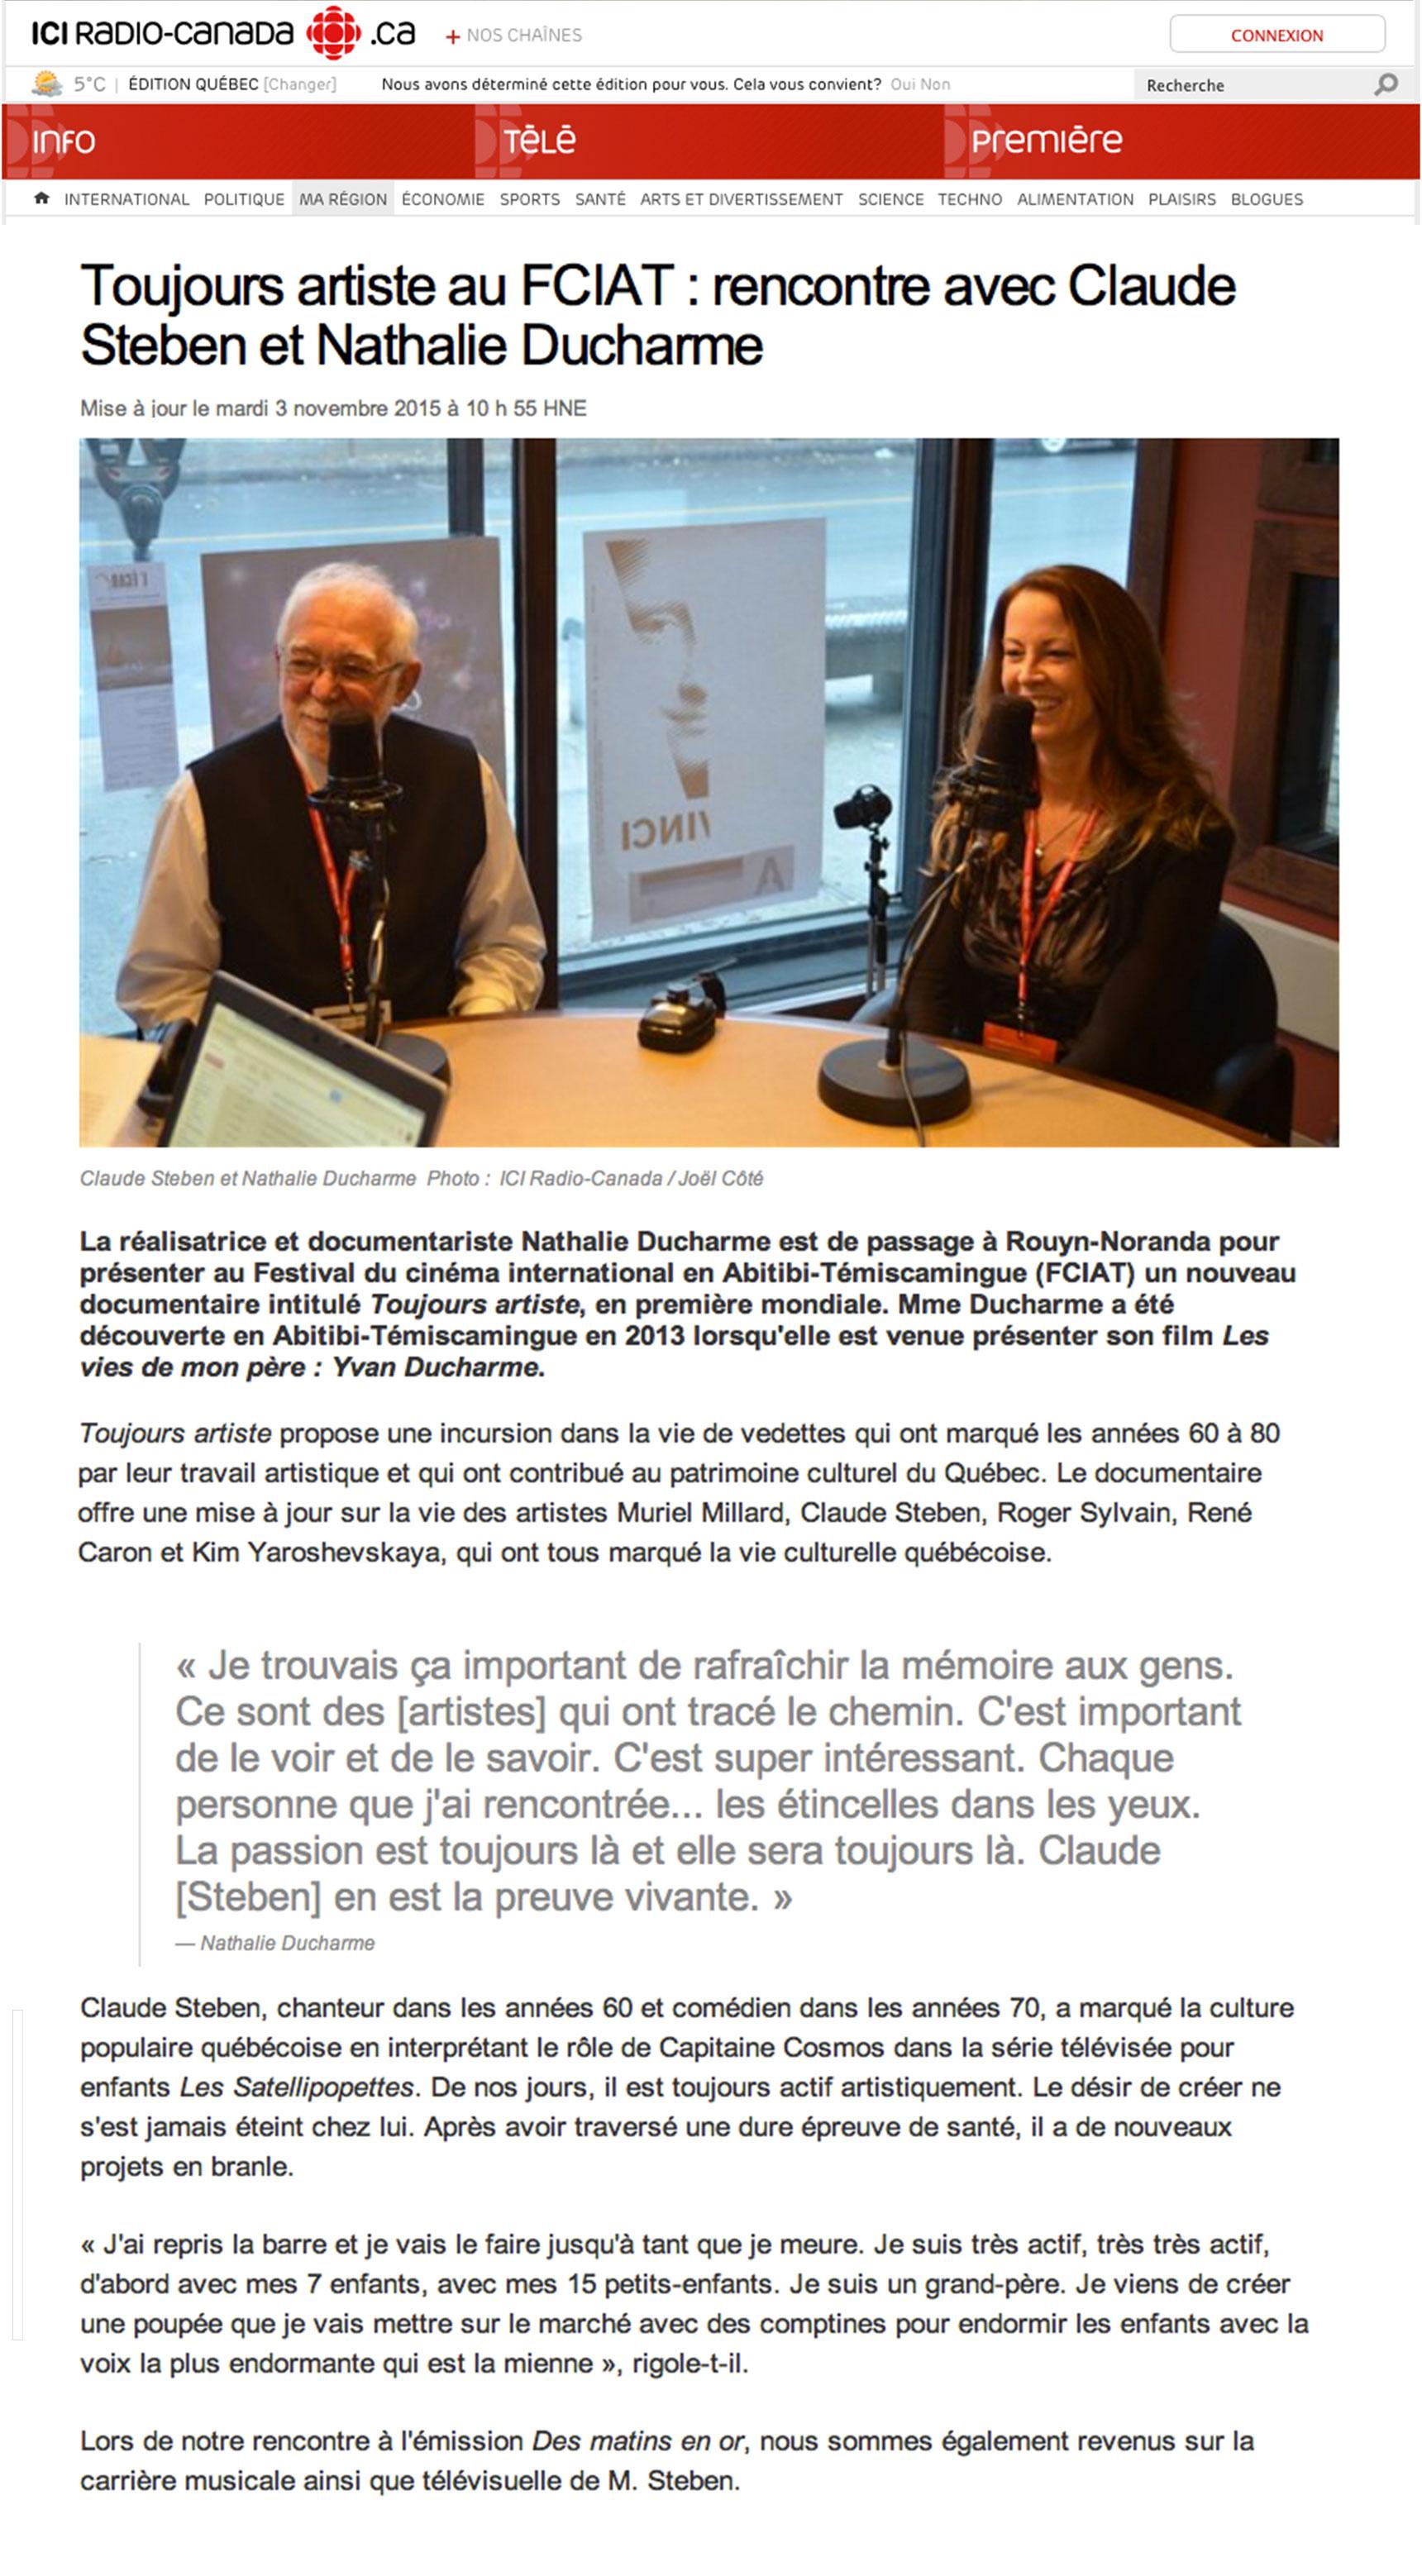 émission rencontres radio-canada